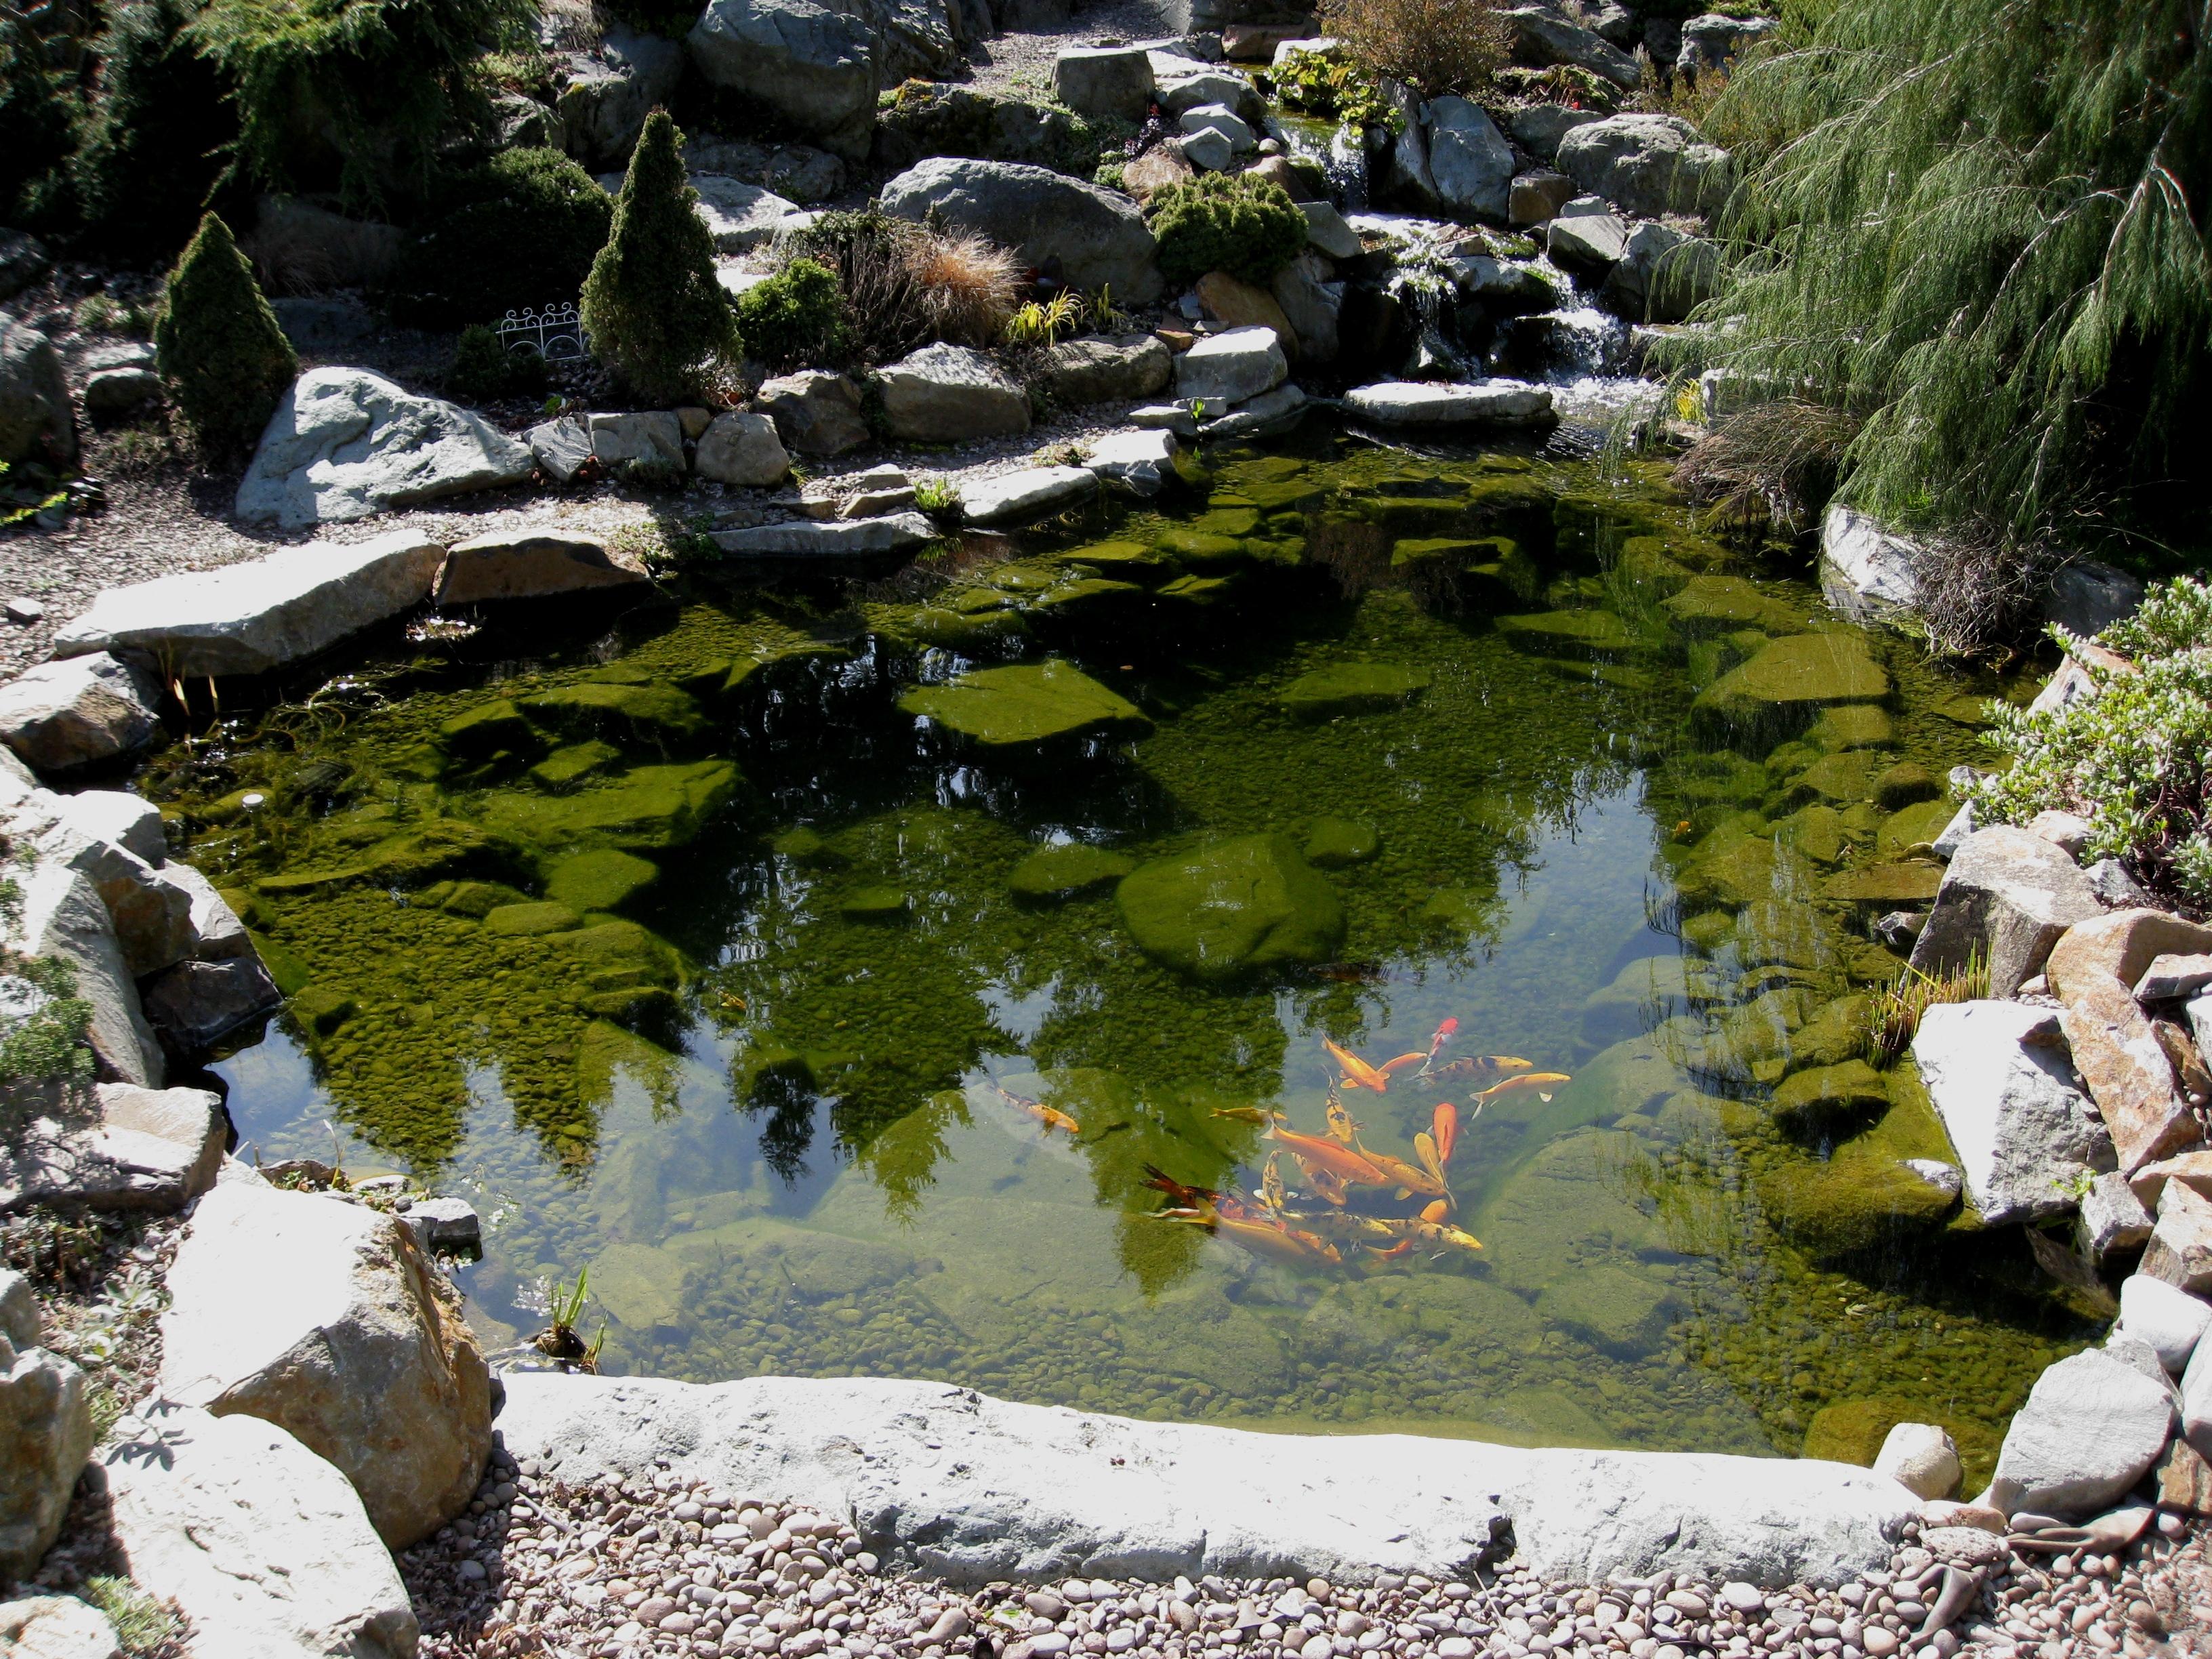 20 Koi Pond Ideas To Create A Unique Garden - I Do Myself on Koi Ponds Ideas  id=71220